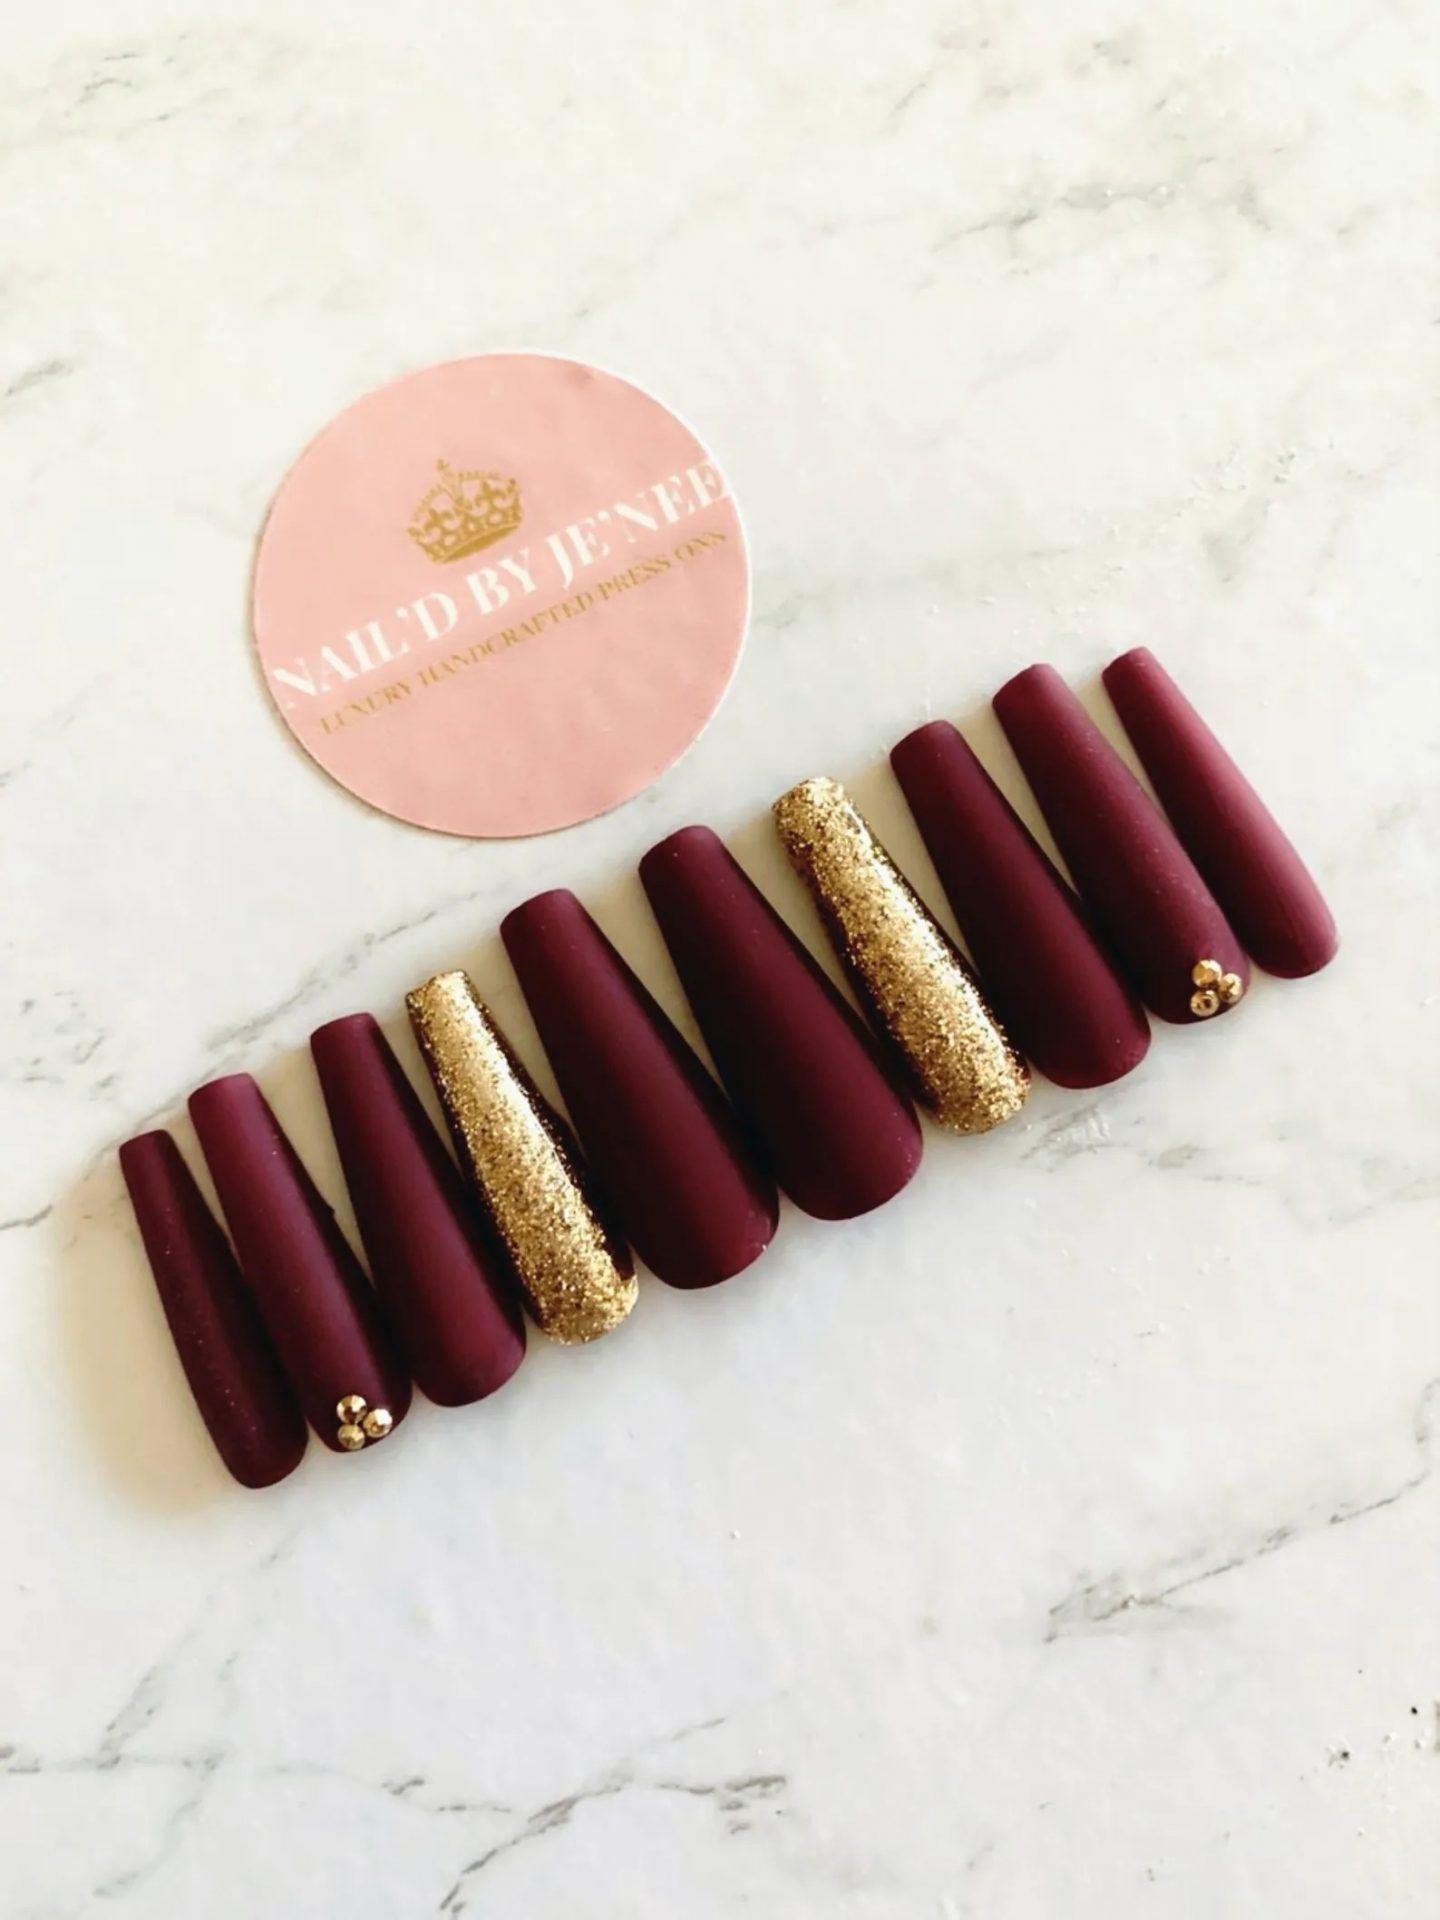 Velvet burgundy nails with gold foil and glitter